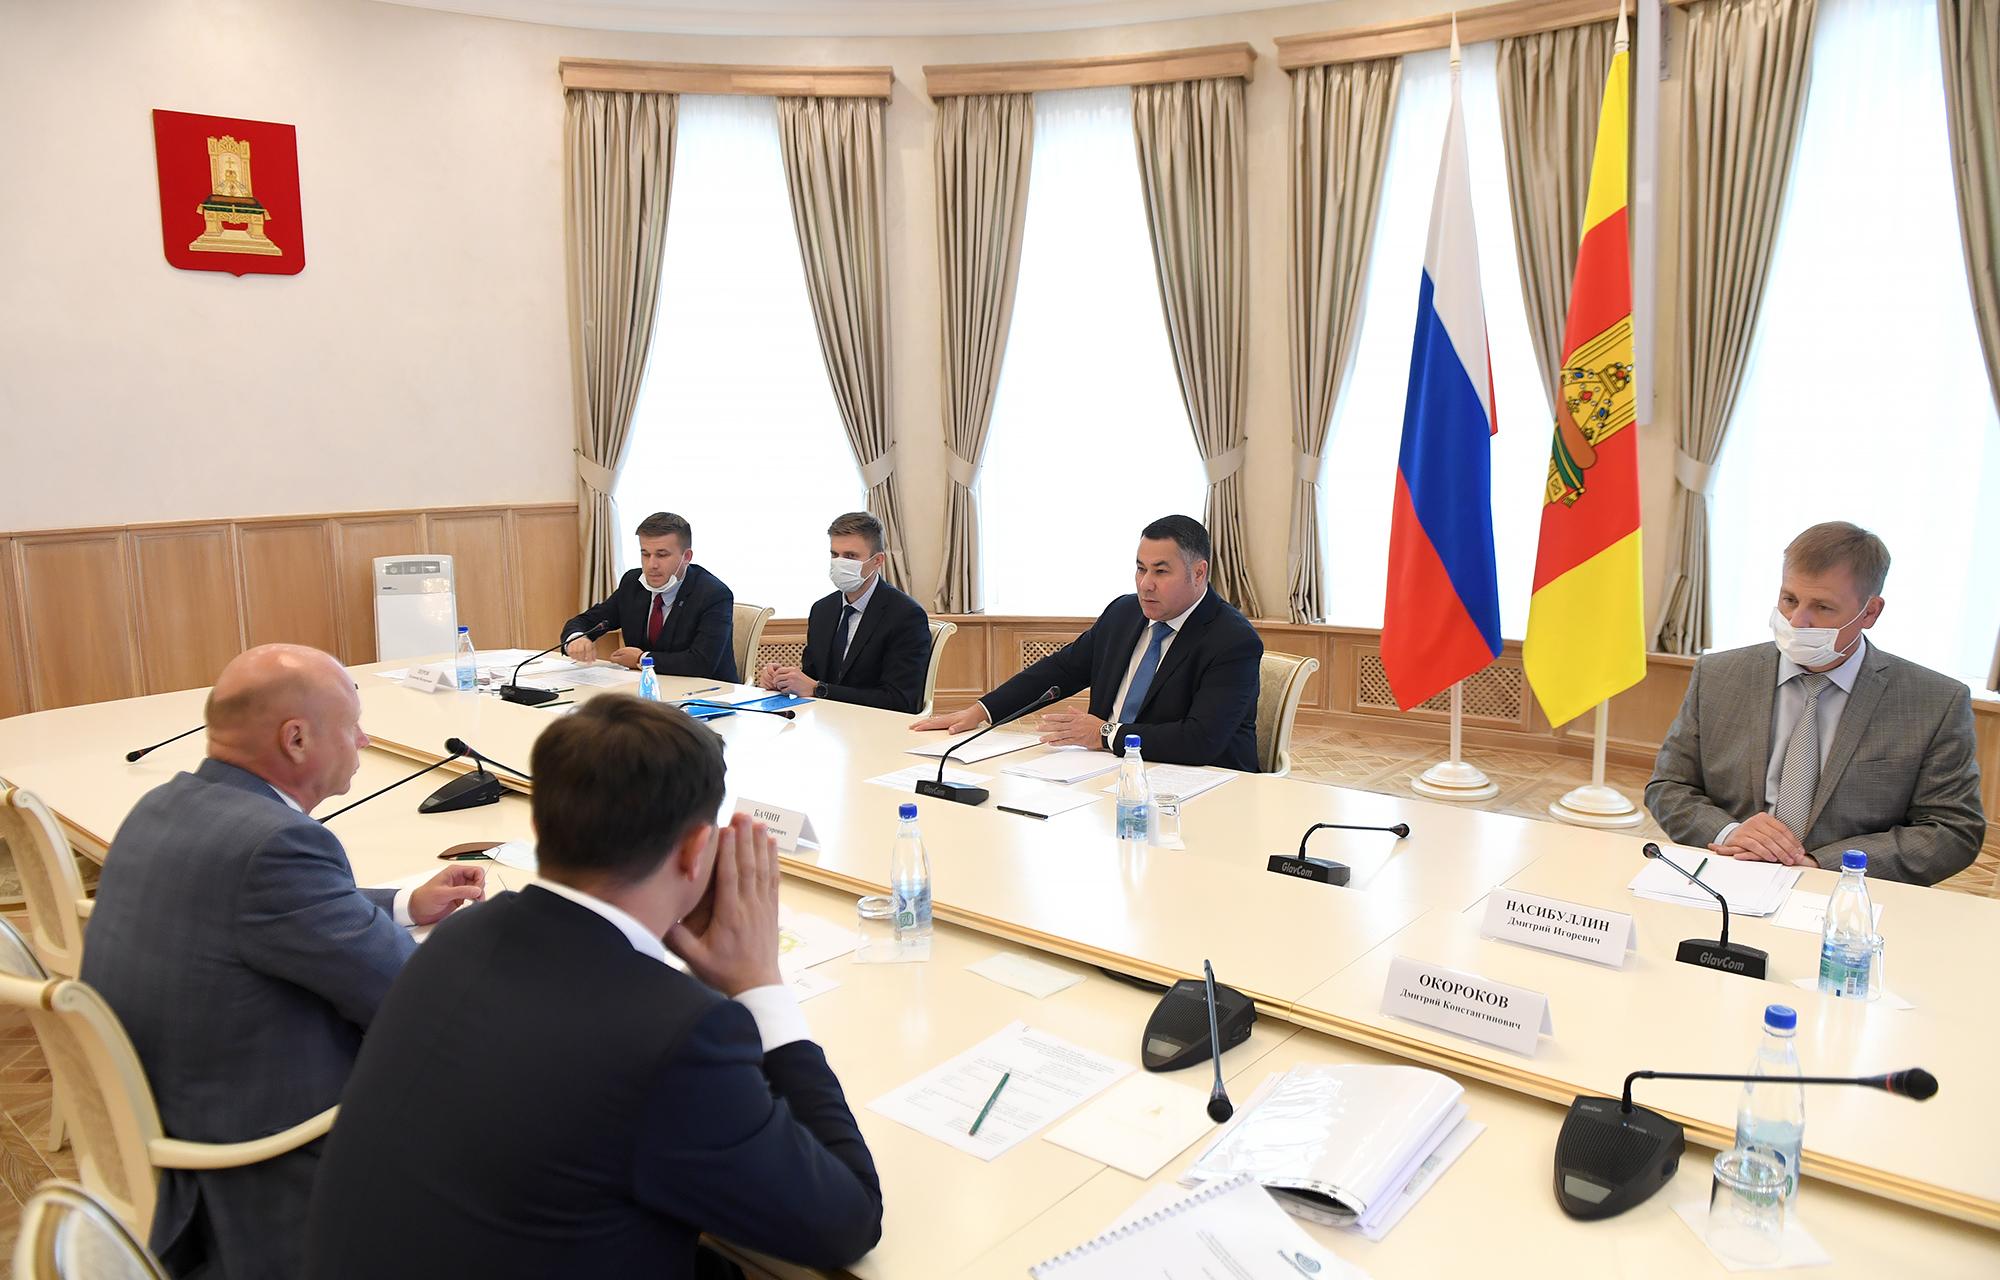 Игорь Руденя и председатель Совета директоров группы компаний «Агранта» обсудили развитие экономической зоны «Завидово»